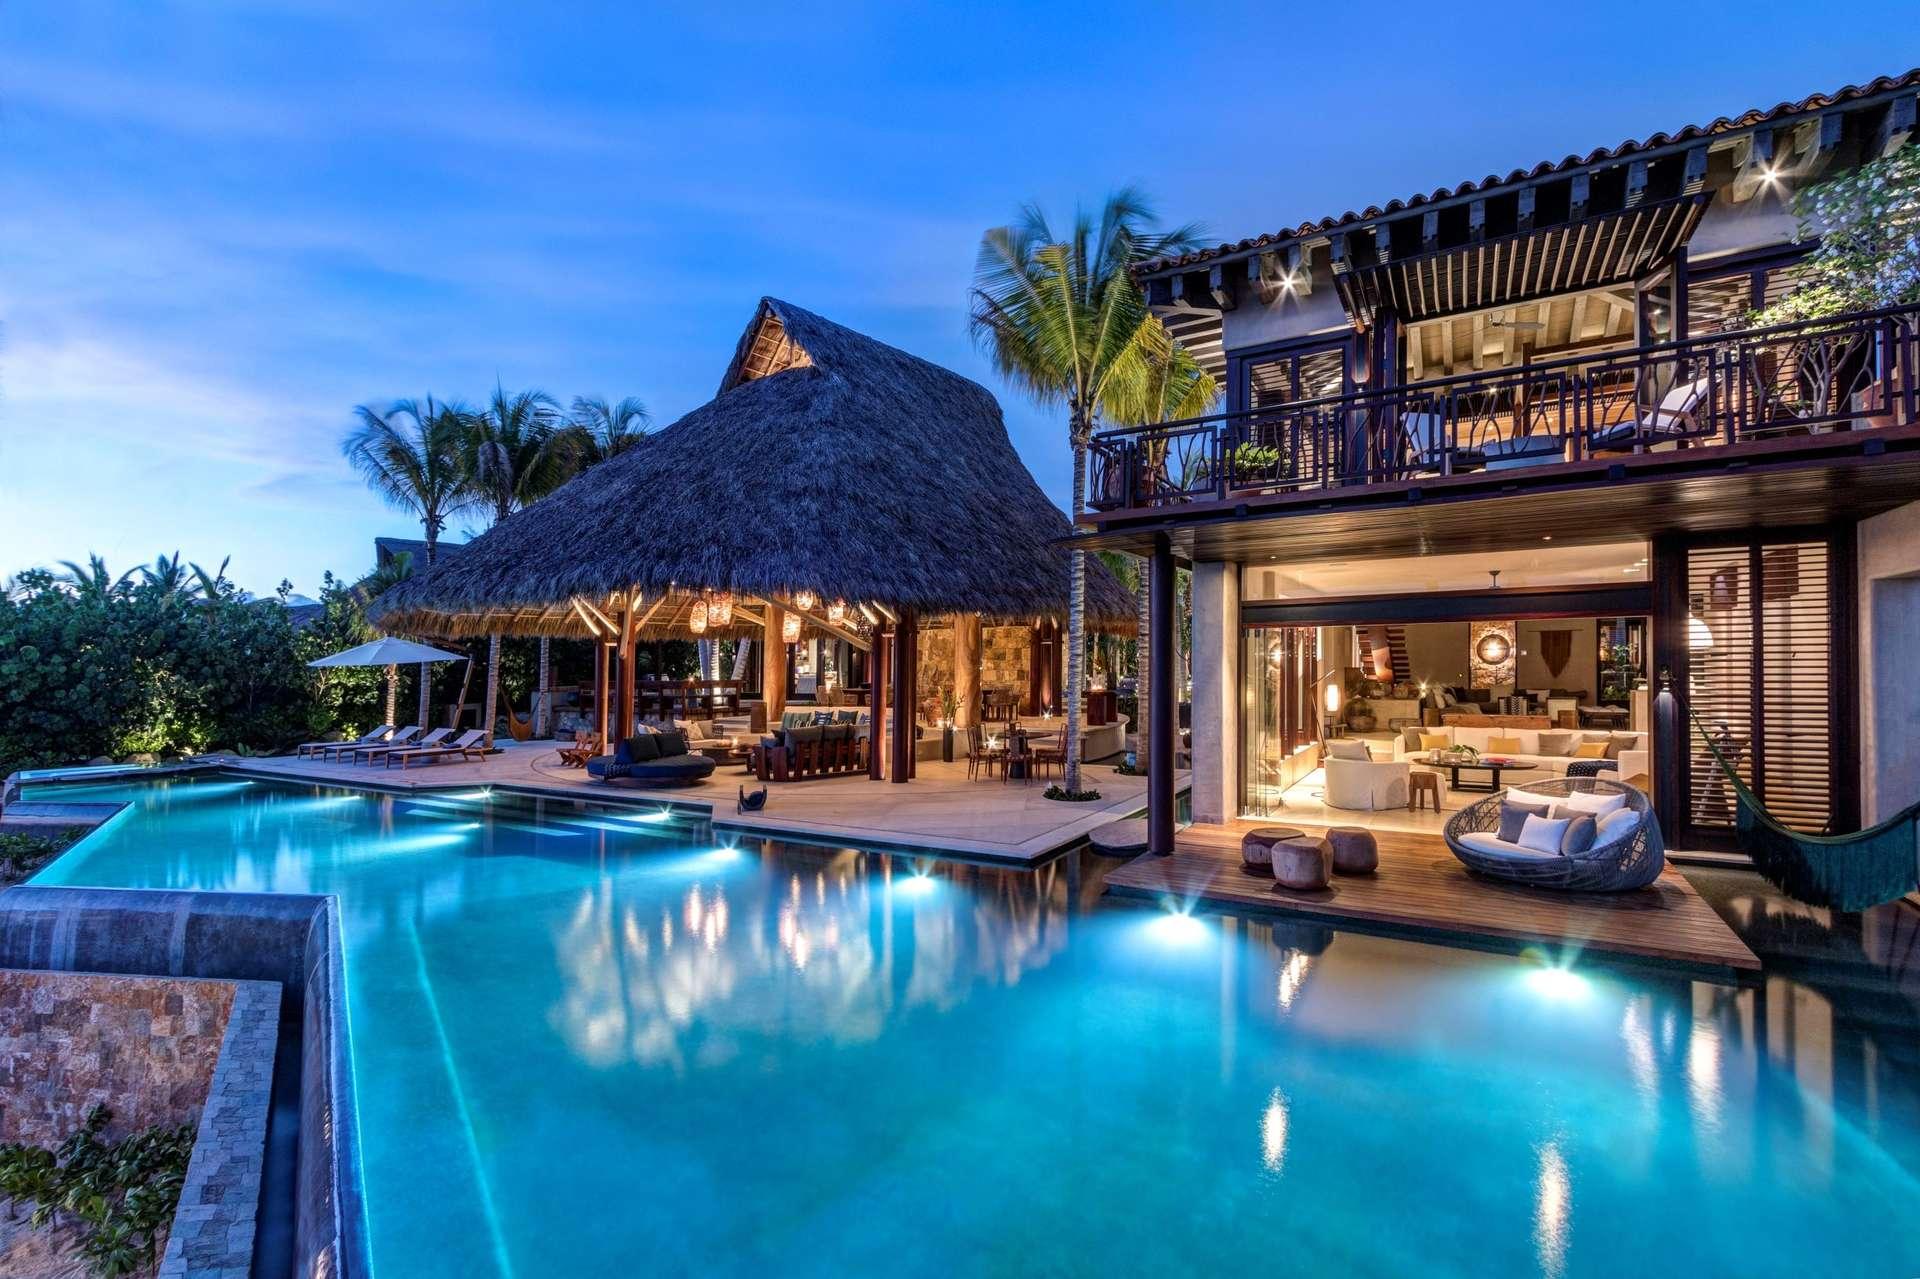 Luxury vacation rentals mexico - Punta mita - La punta estates - No location 4 - Casa Koko - Image 1/56